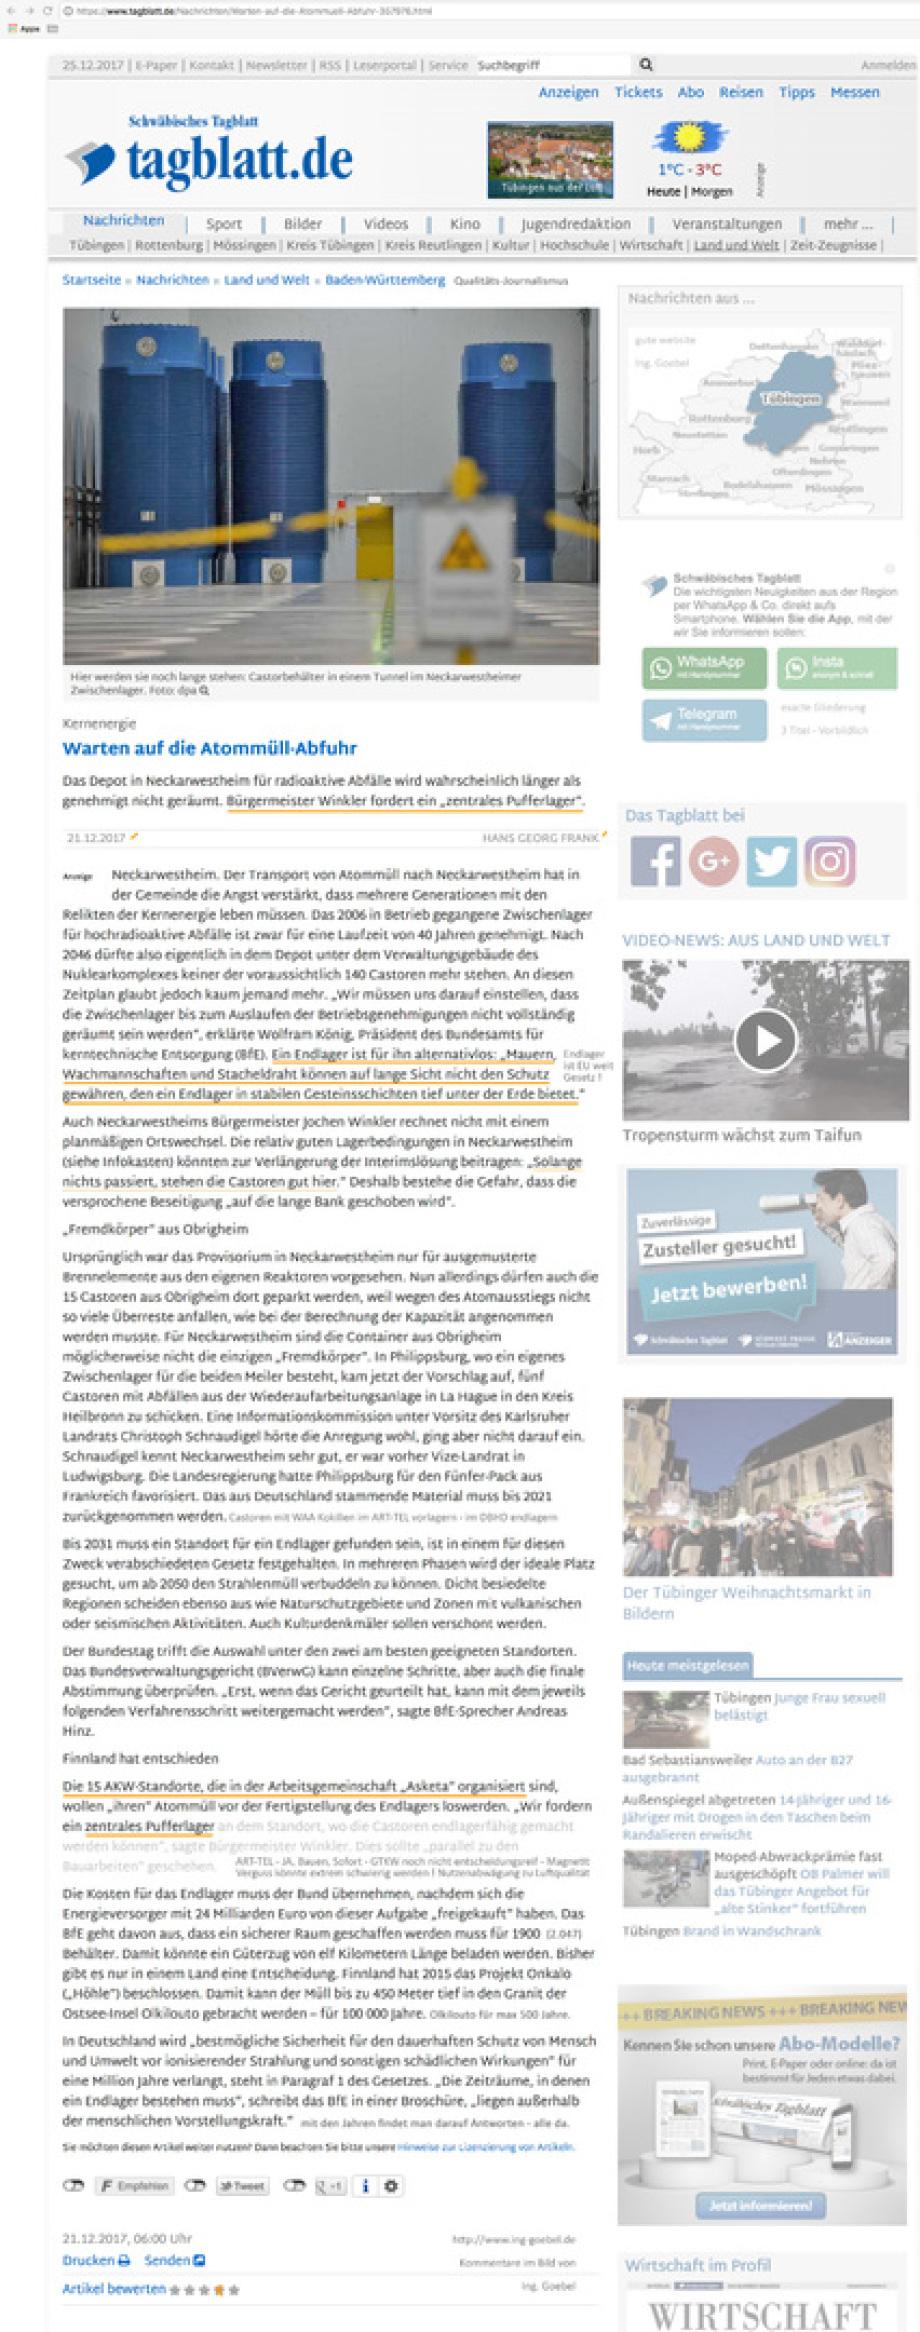 Artikel im Schwäbischen Tagblatt - Warten auf die Atommüll-Abfuhr Phillipsburg / Obrigheim